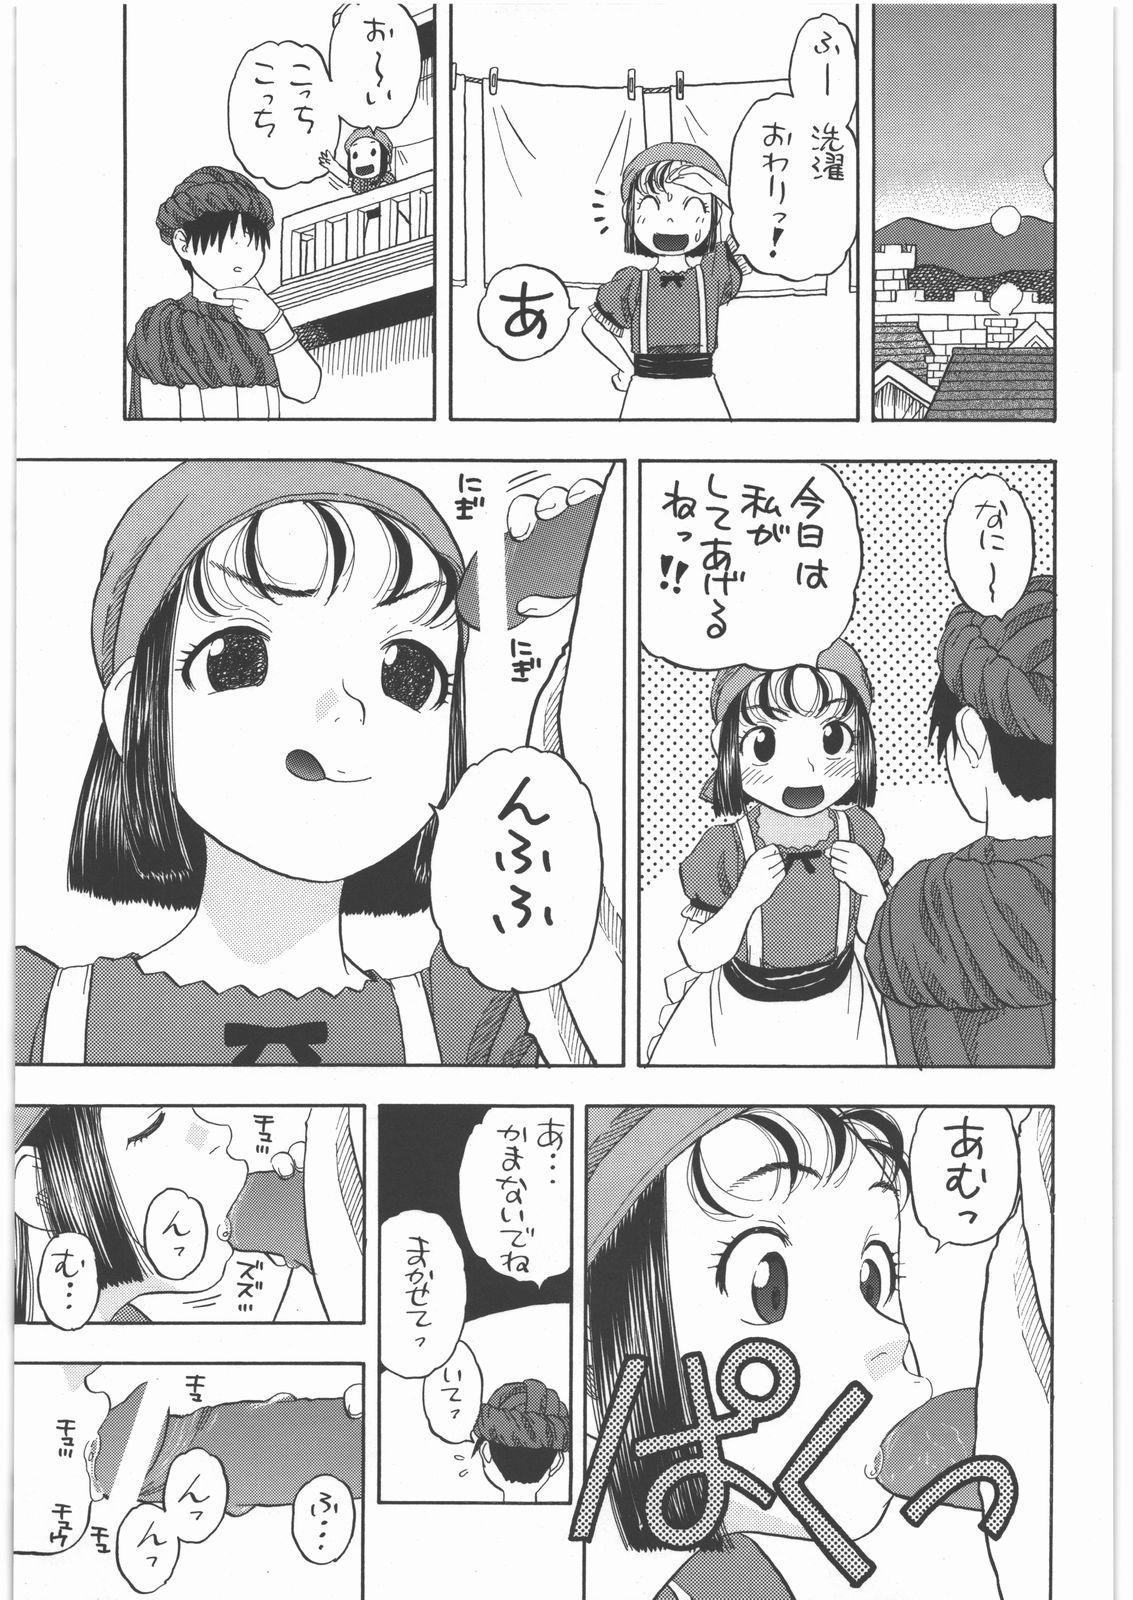 Yadoya no Rikka 17